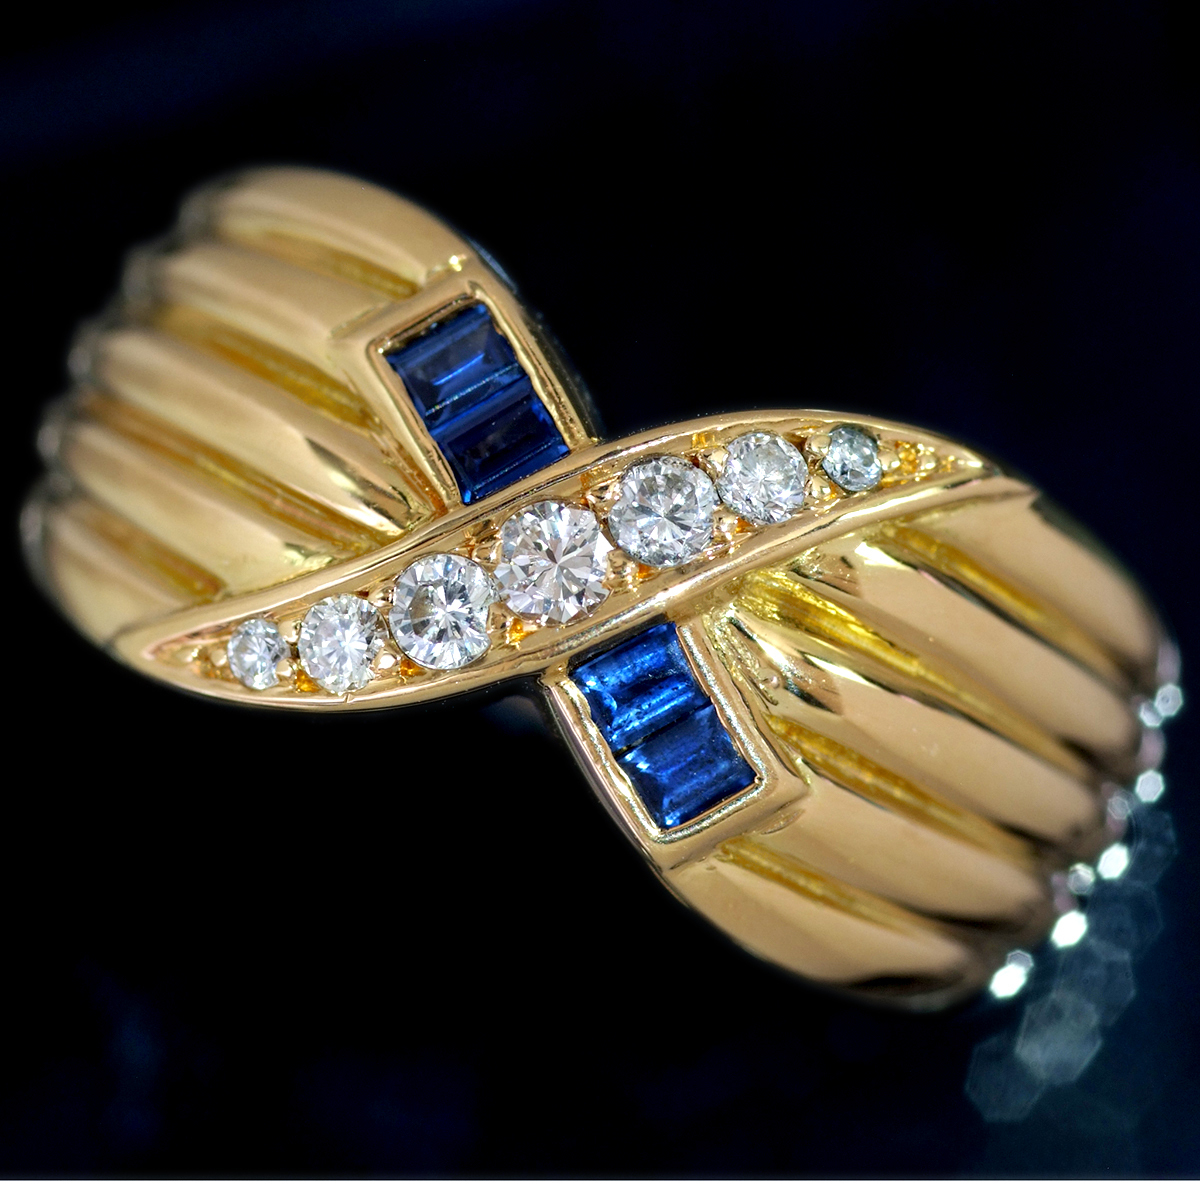 E8196【MAUBOUSSIN】モーブッサン 天然絶品ダイヤモンド7pcs サファイア4pcs 最高級18金無垢リング サイズ12.5号 重量10.9g 縦幅9.8mm_画像1